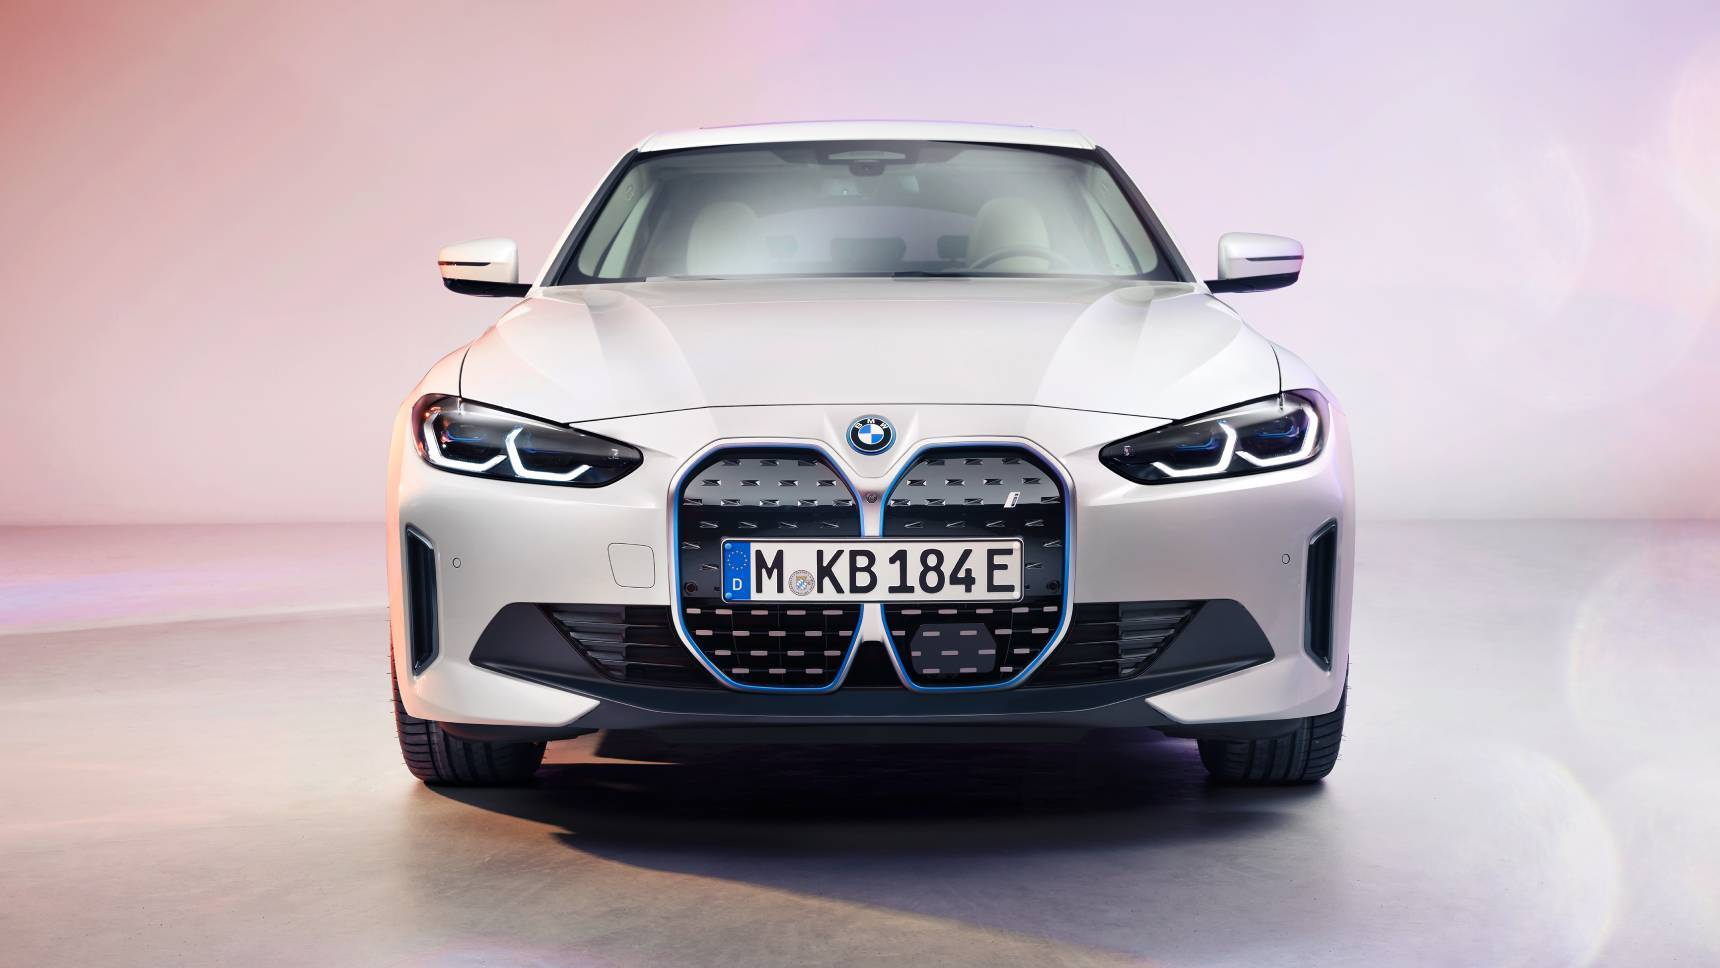 BMW показал новый электрический спорт-седан с большим «грилем»